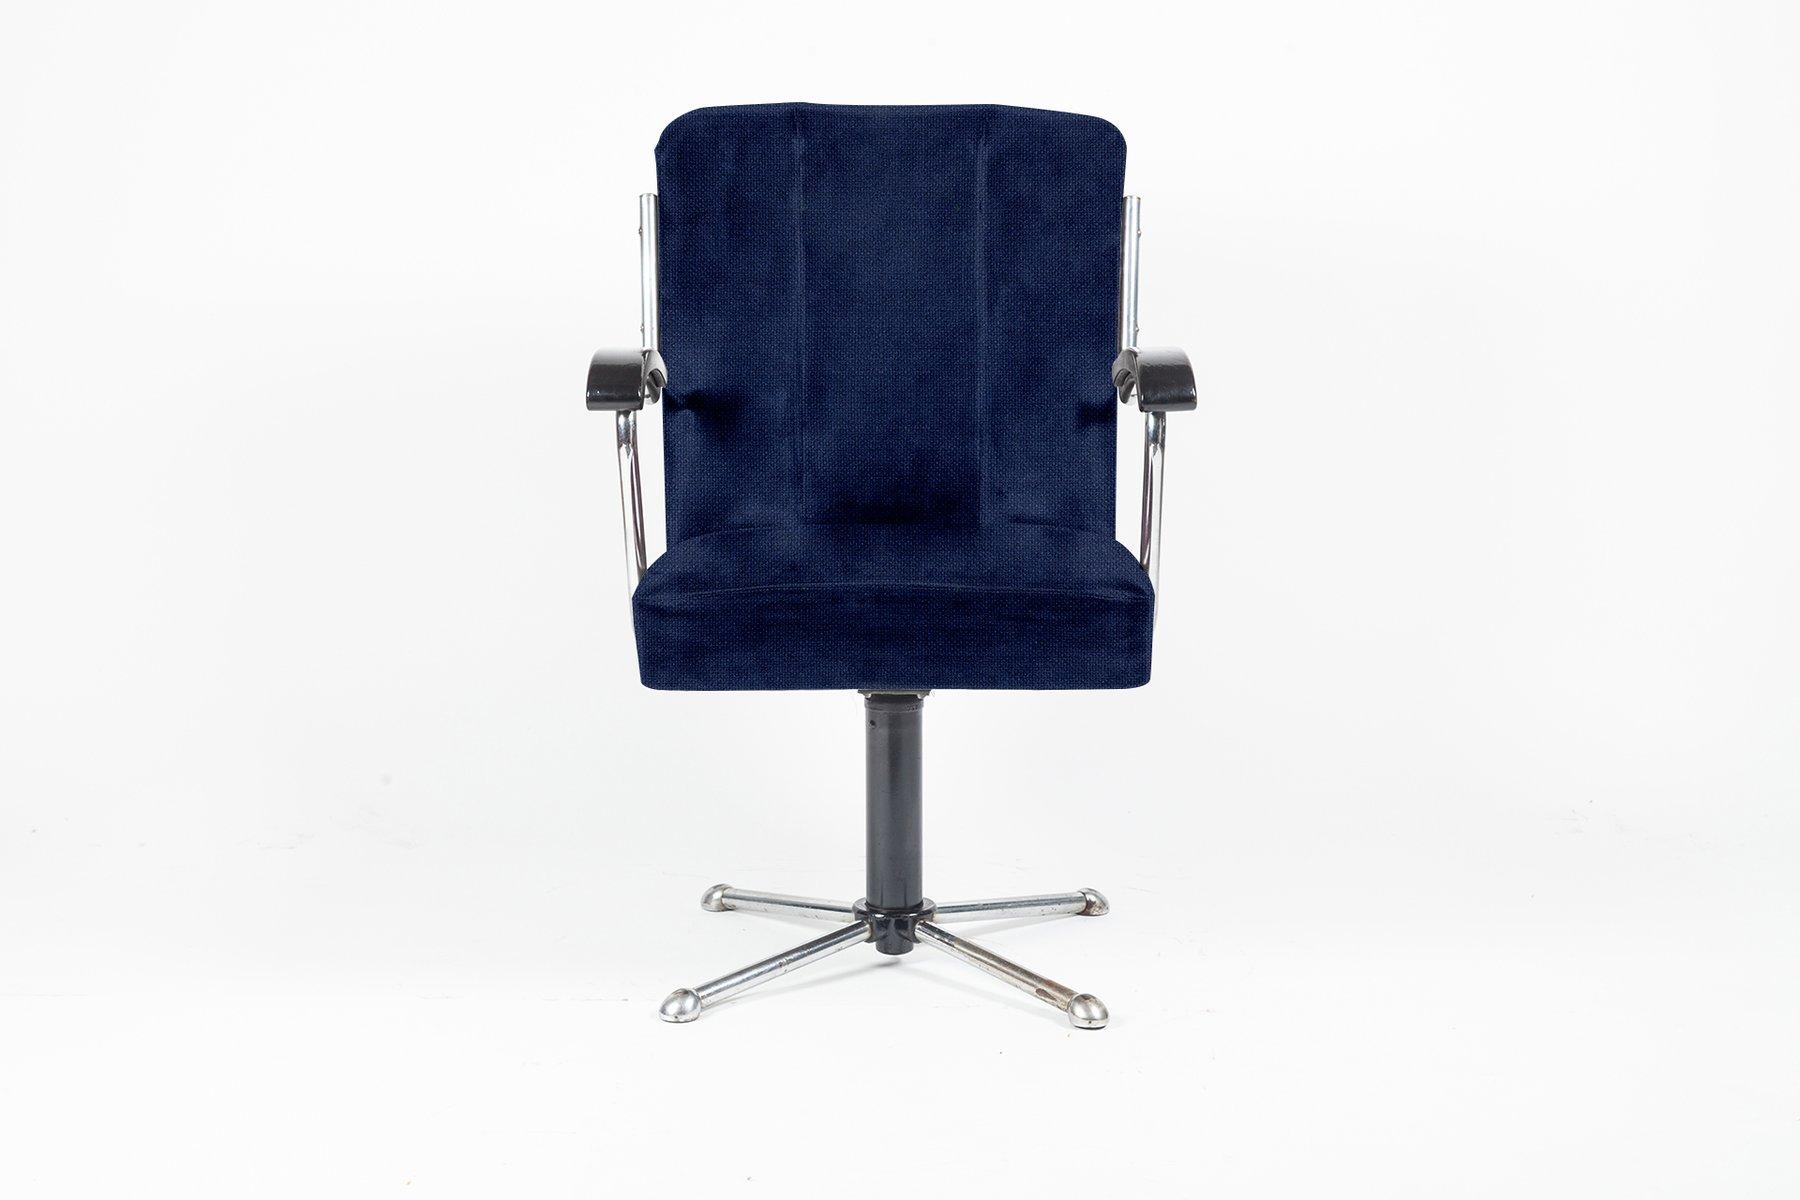 Chaise De Pivotante De Bureau Personnalisable1950s Chaise Bureau Personnalisable1950s Pivotante F1lJKc